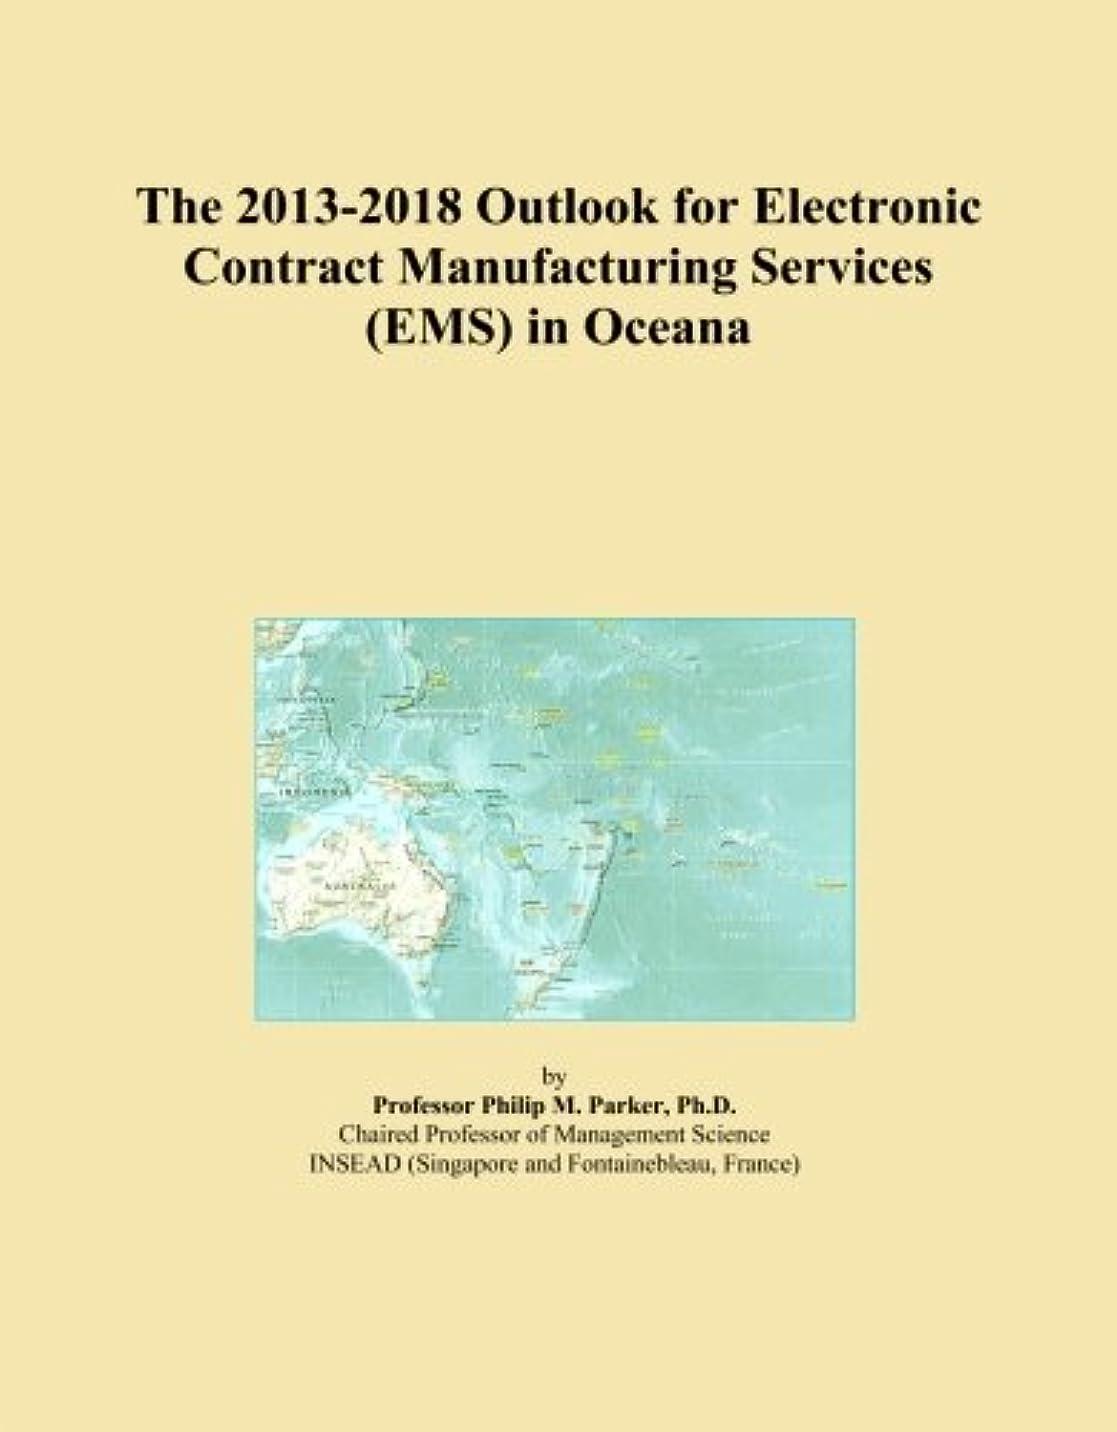 ふさわしい署名吐き出すThe 2013-2018 Outlook for Electronic Contract Manufacturing Services (EMS) in Oceana